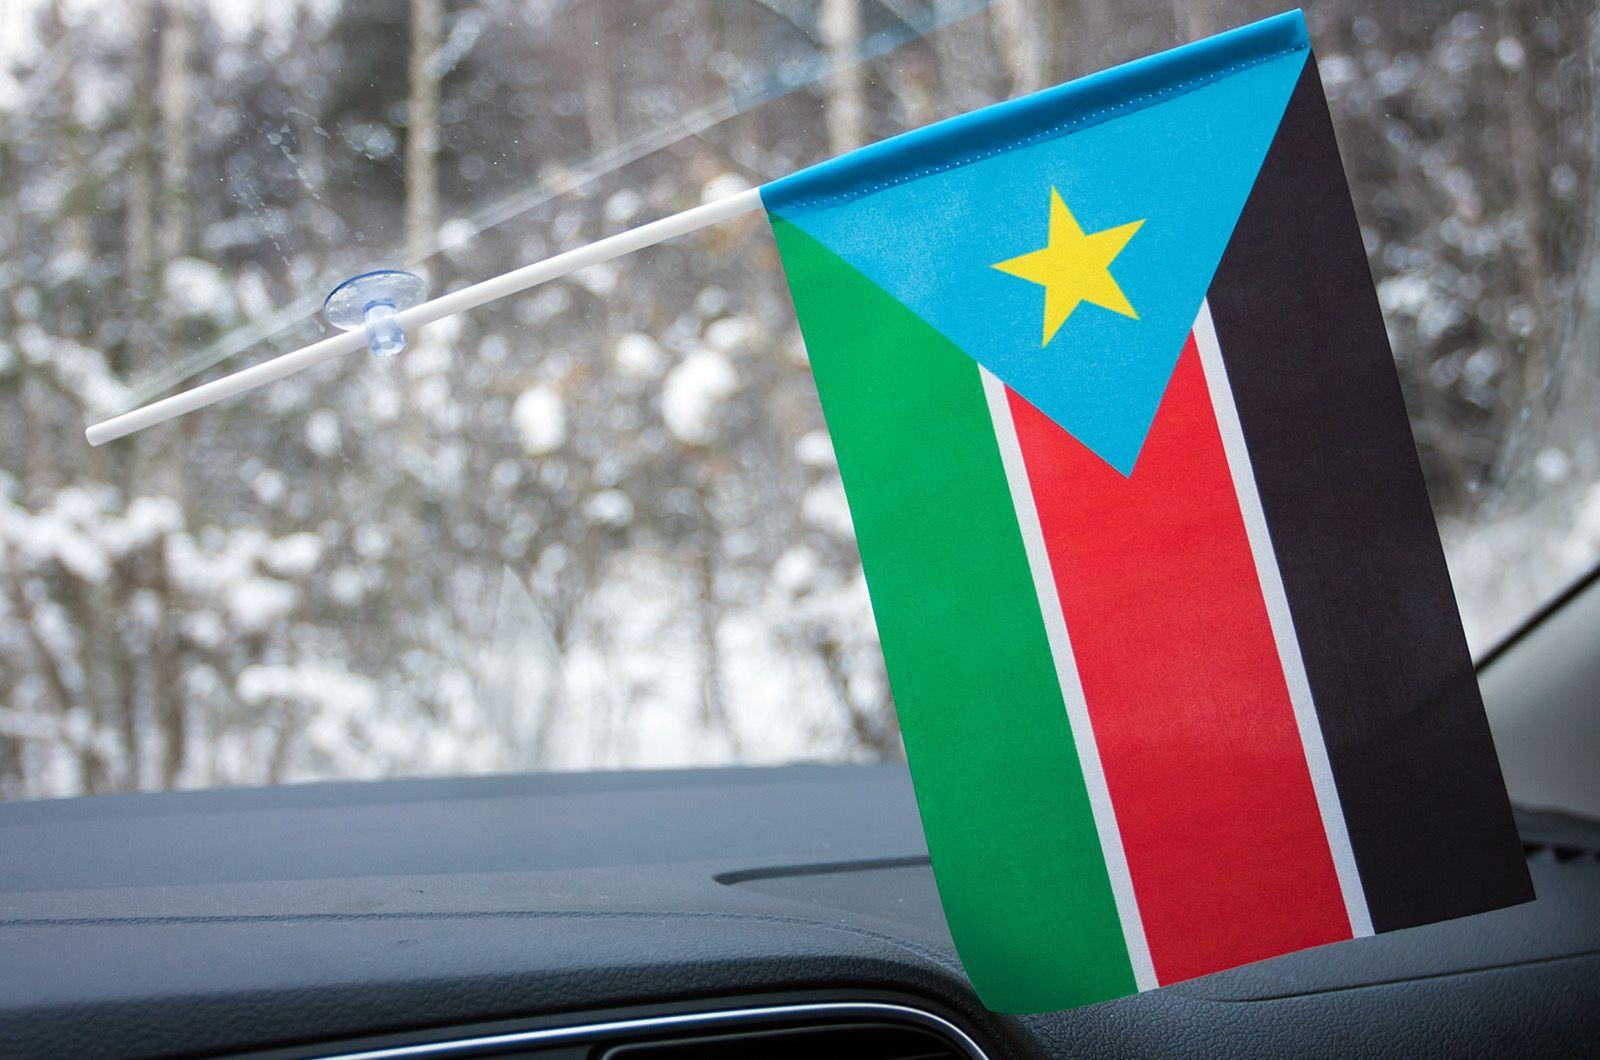 Флажок Южного Судана в машину